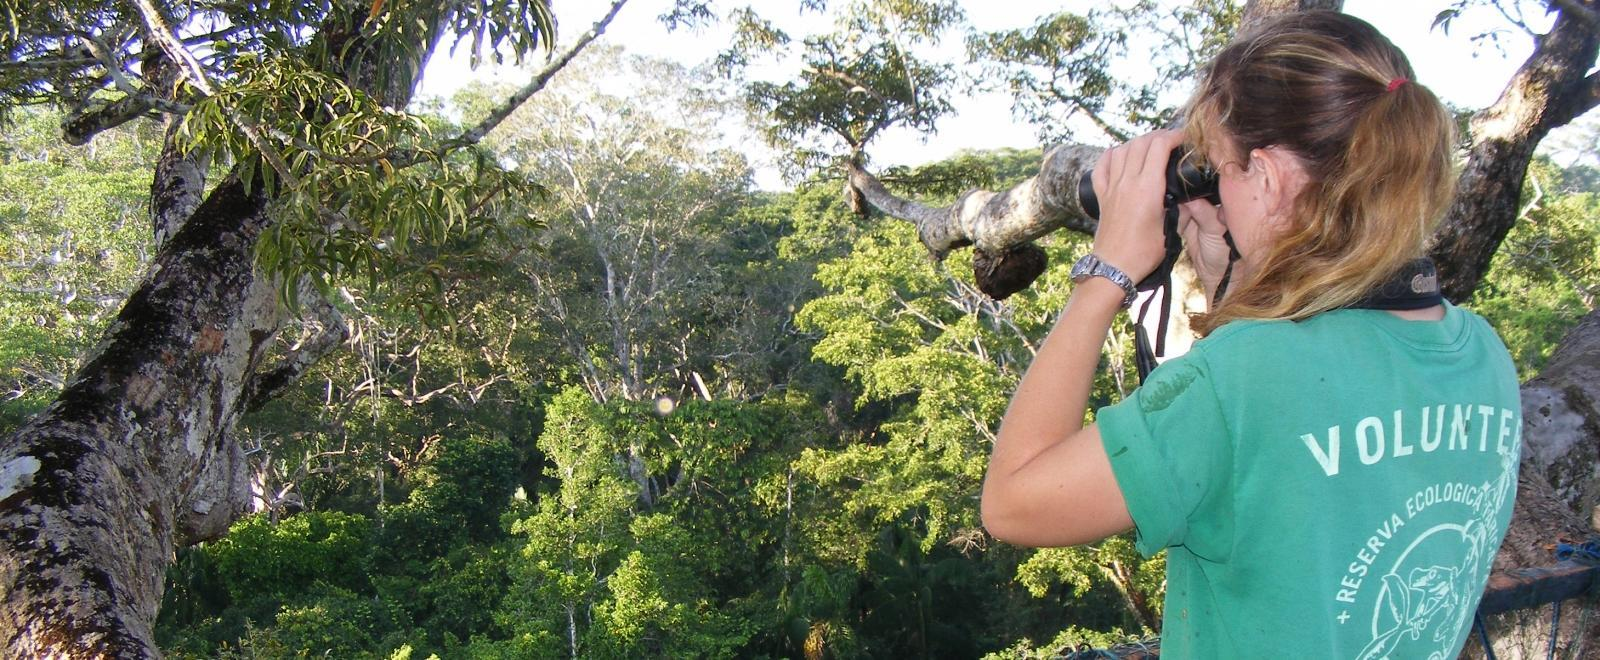 Tijdens een groepsreis natuurbescherming regenwoud zoekt een vrijwilliger naar vogels in Peru.